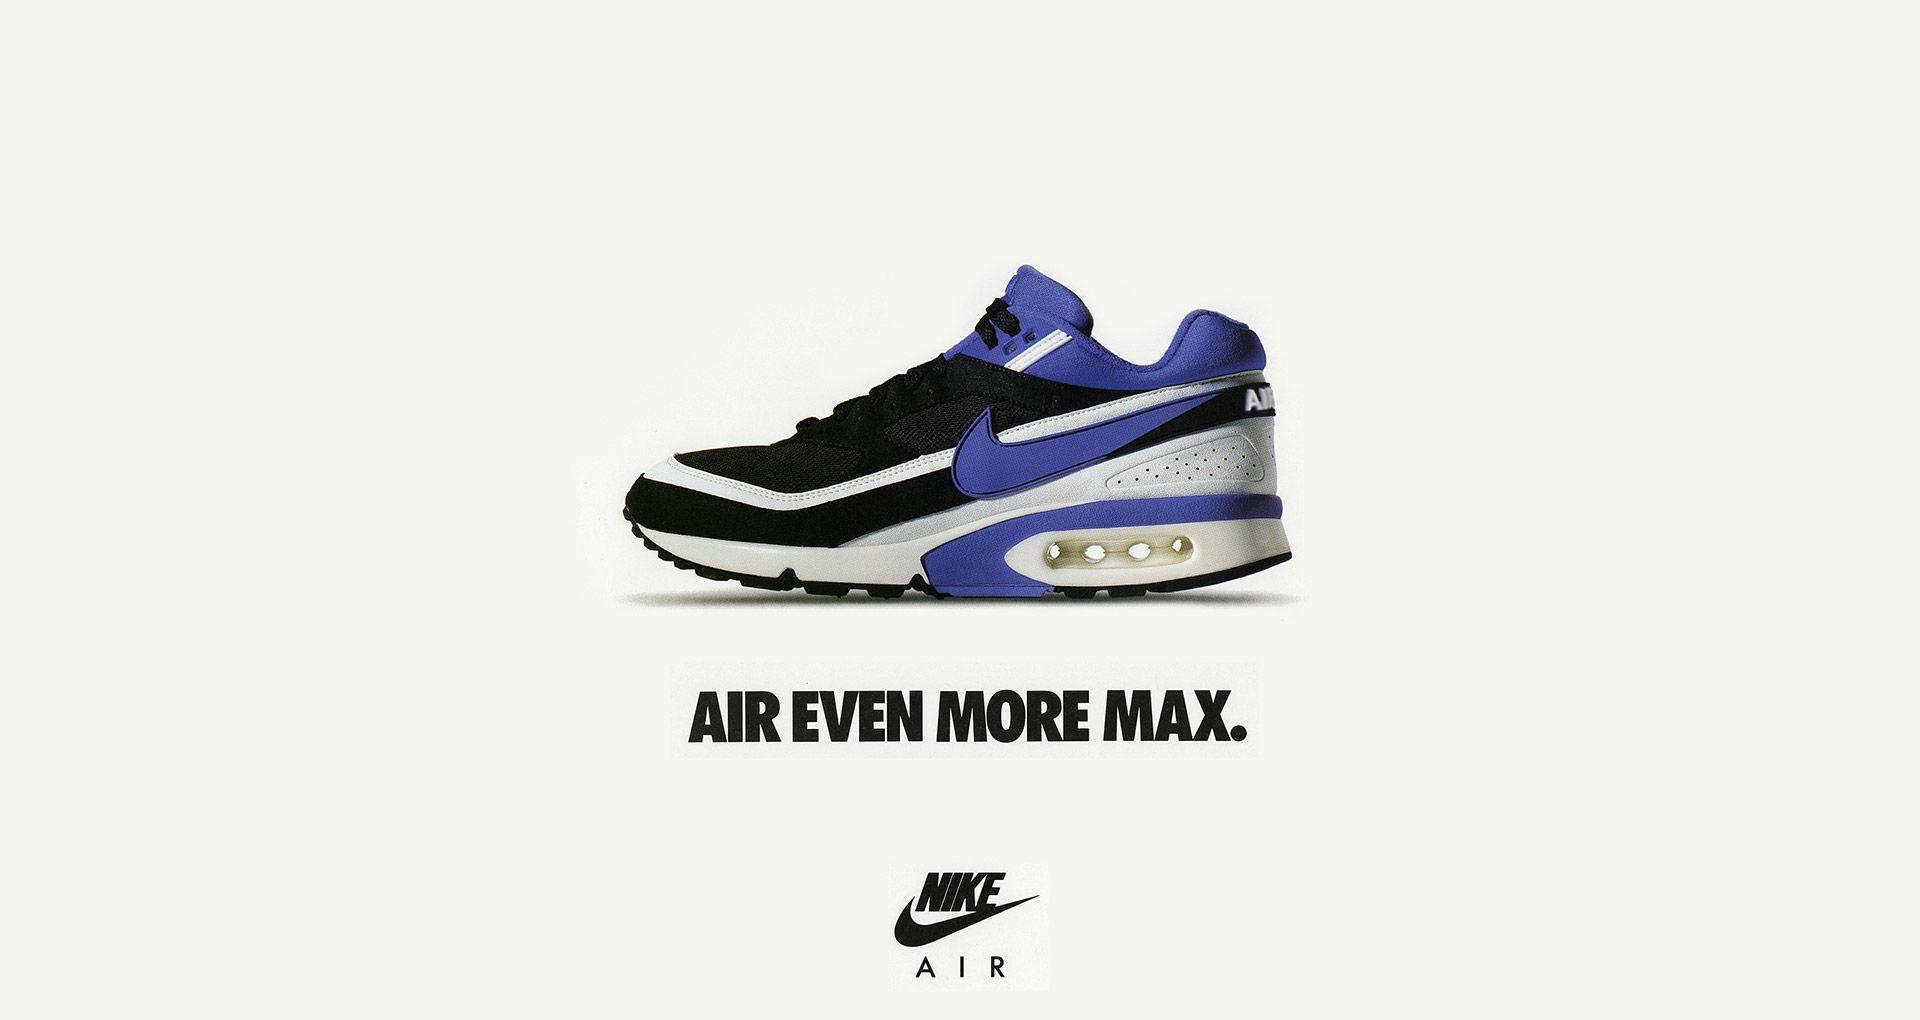 Nike Air Max 1 HvidBlåOrangeSort | unisport.dk